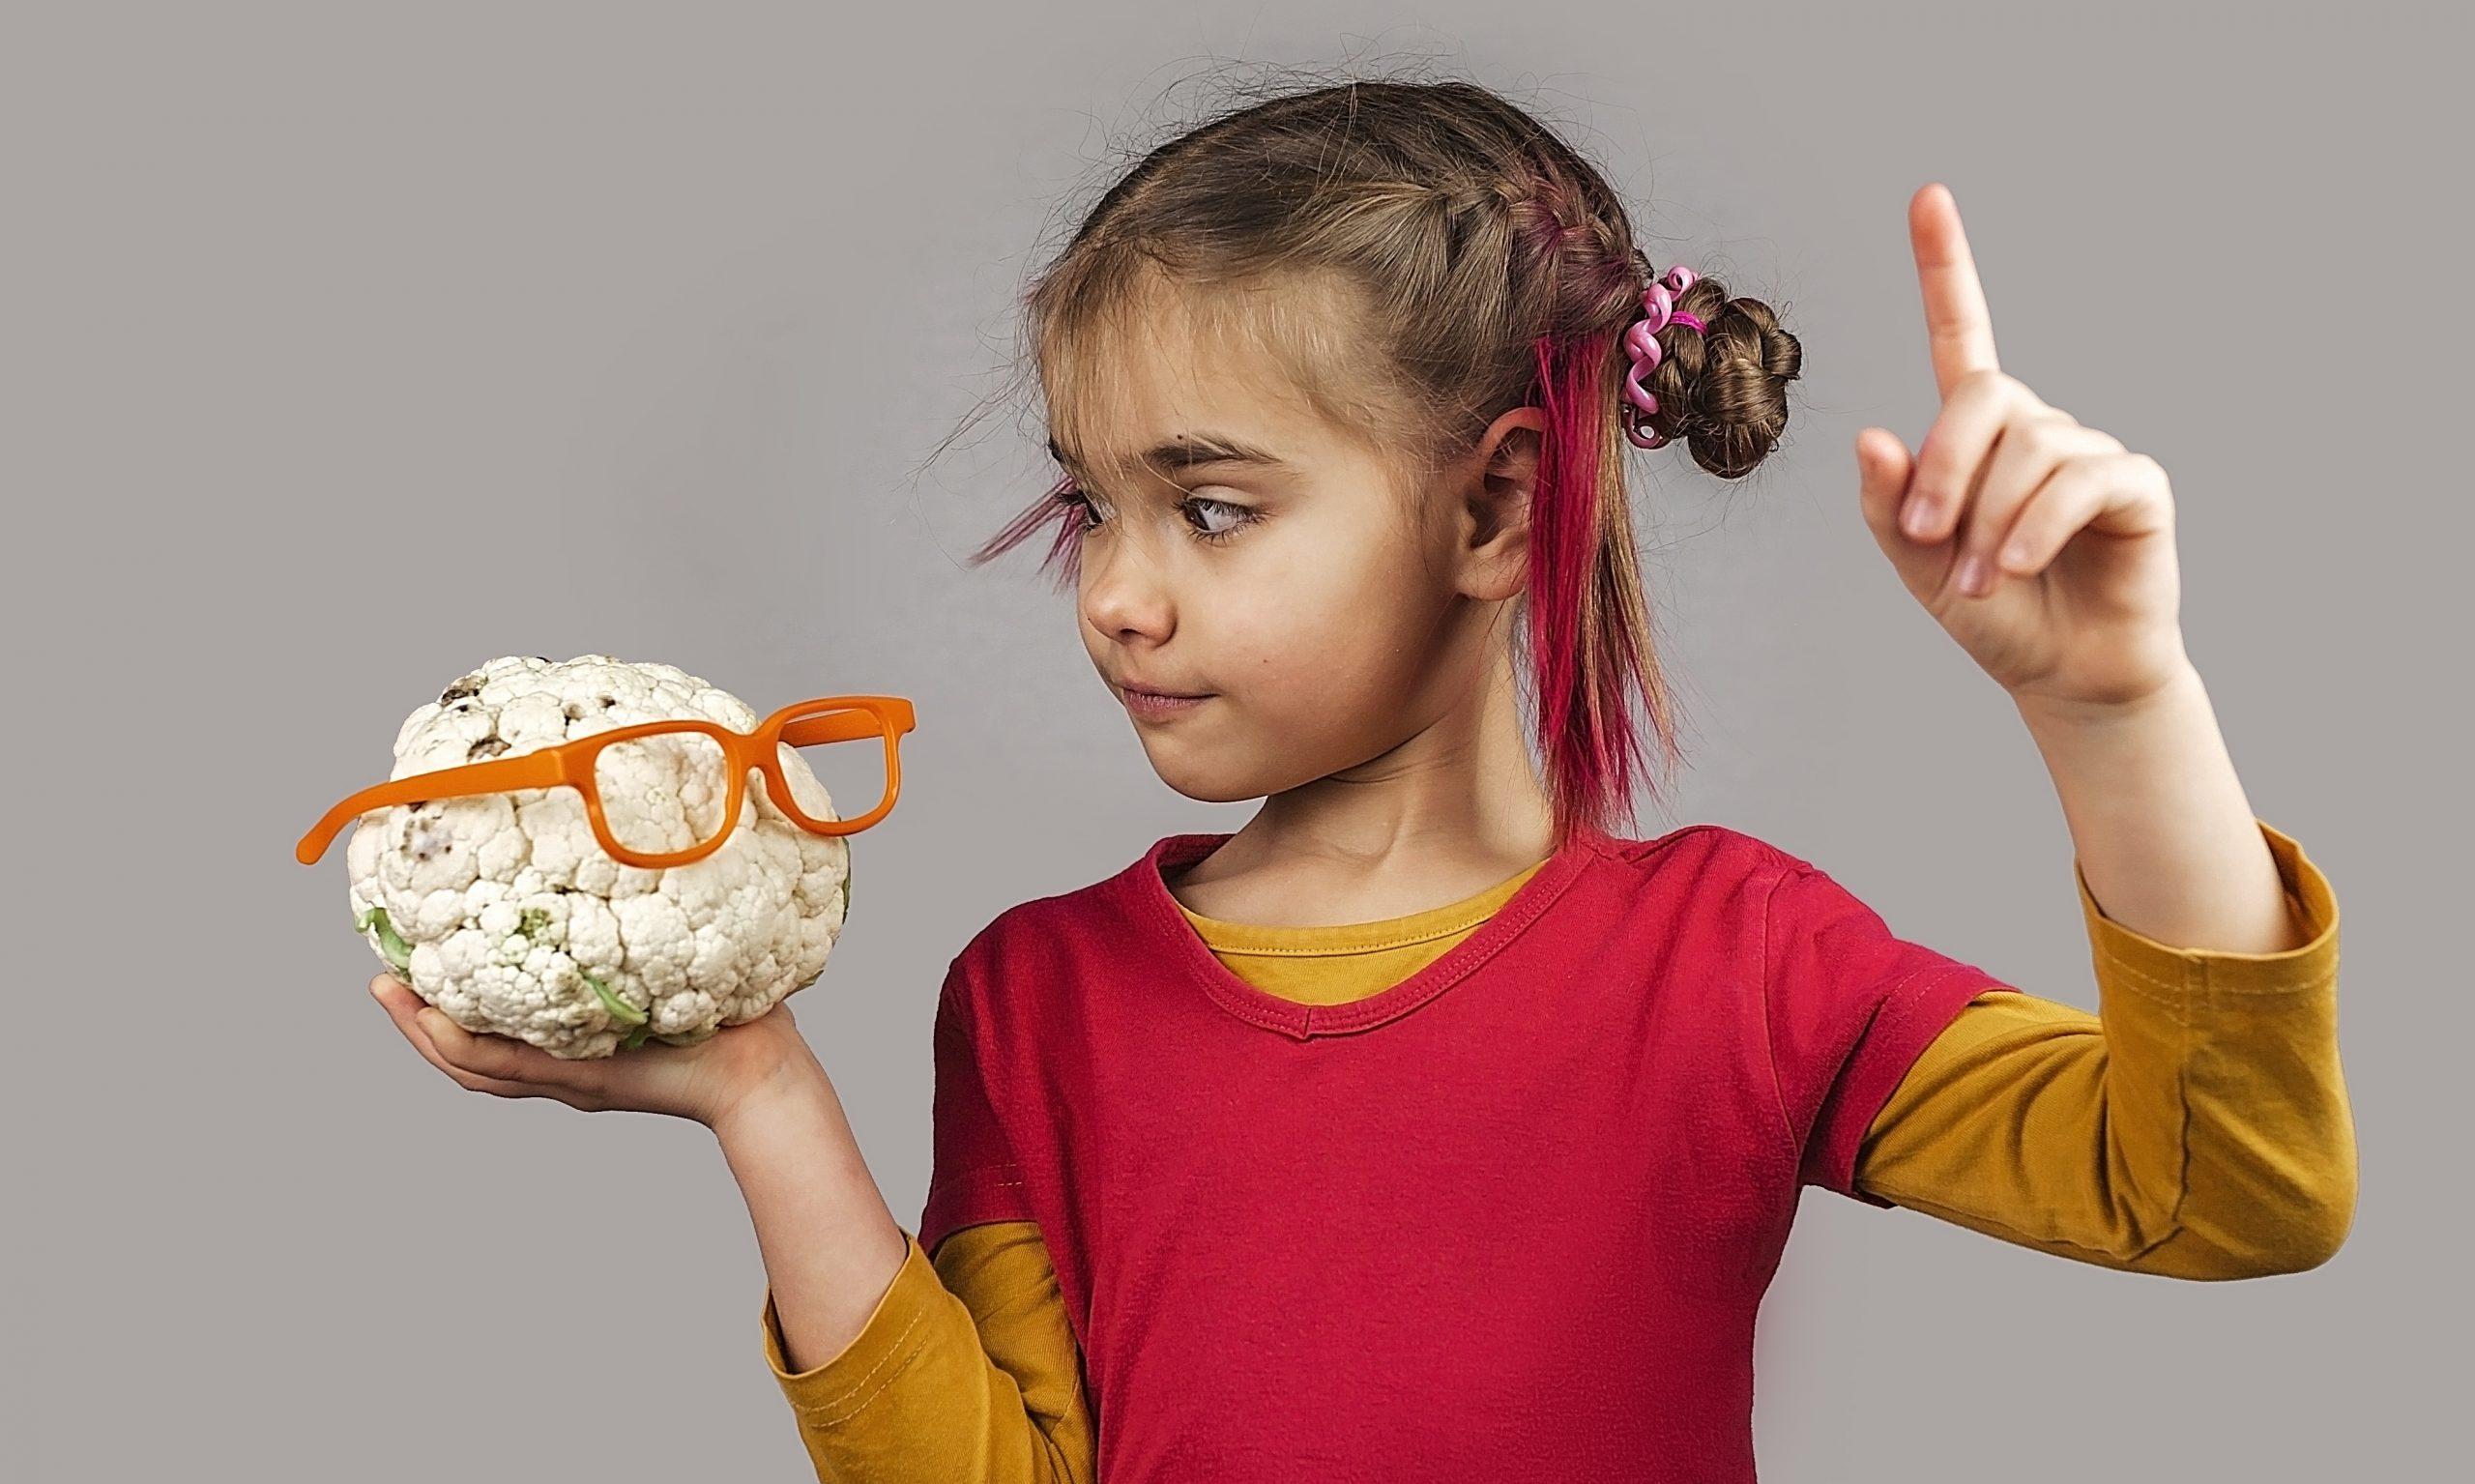 Ausgeflipptes Kind hält unförmiges Obst und Gemüse in falscher Farbe,